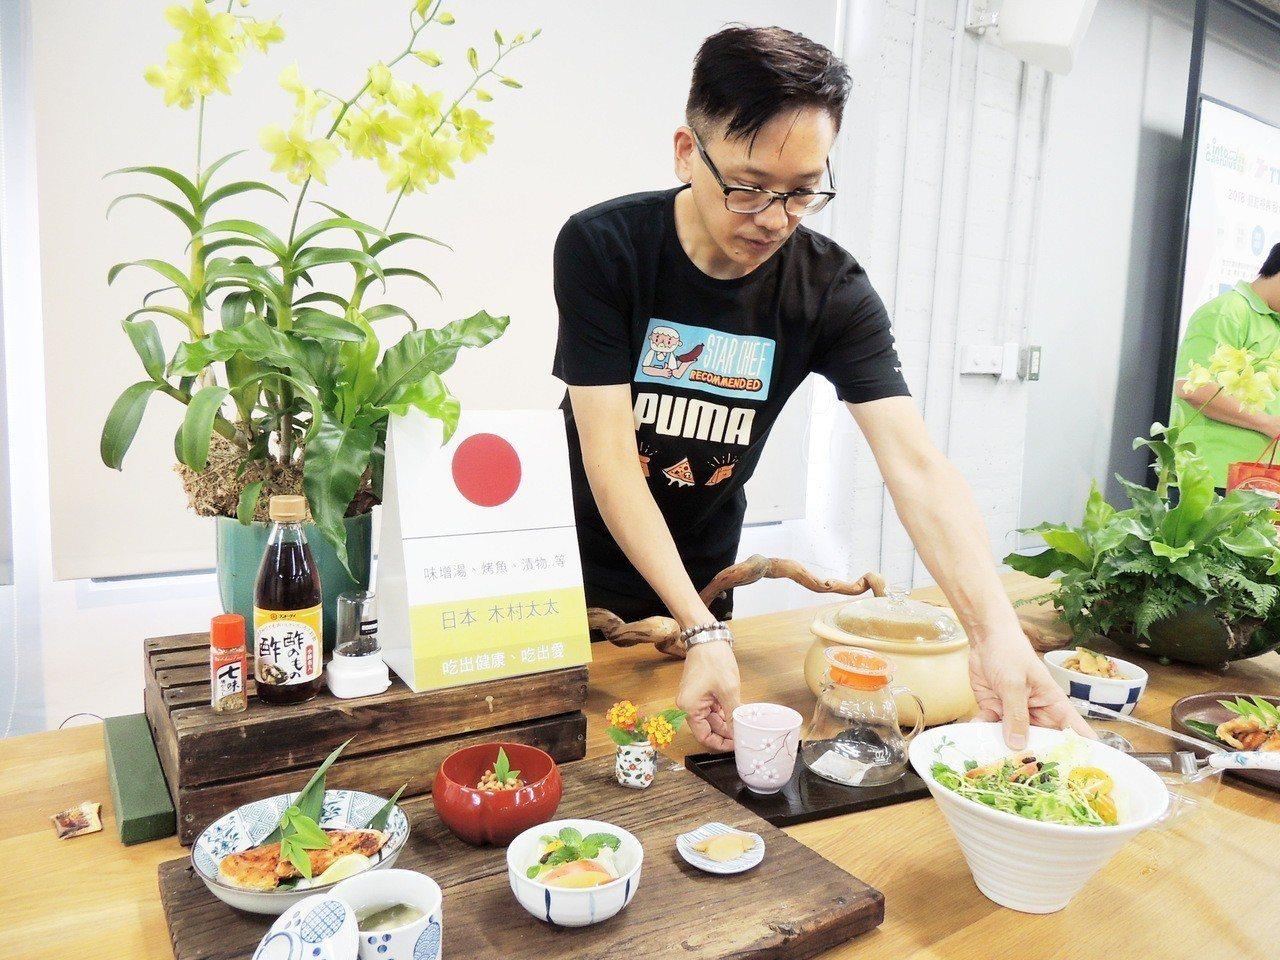 來自日本的木村太太為活動準備味噌等日本人道地的早餐。記者羅紹平/攝影